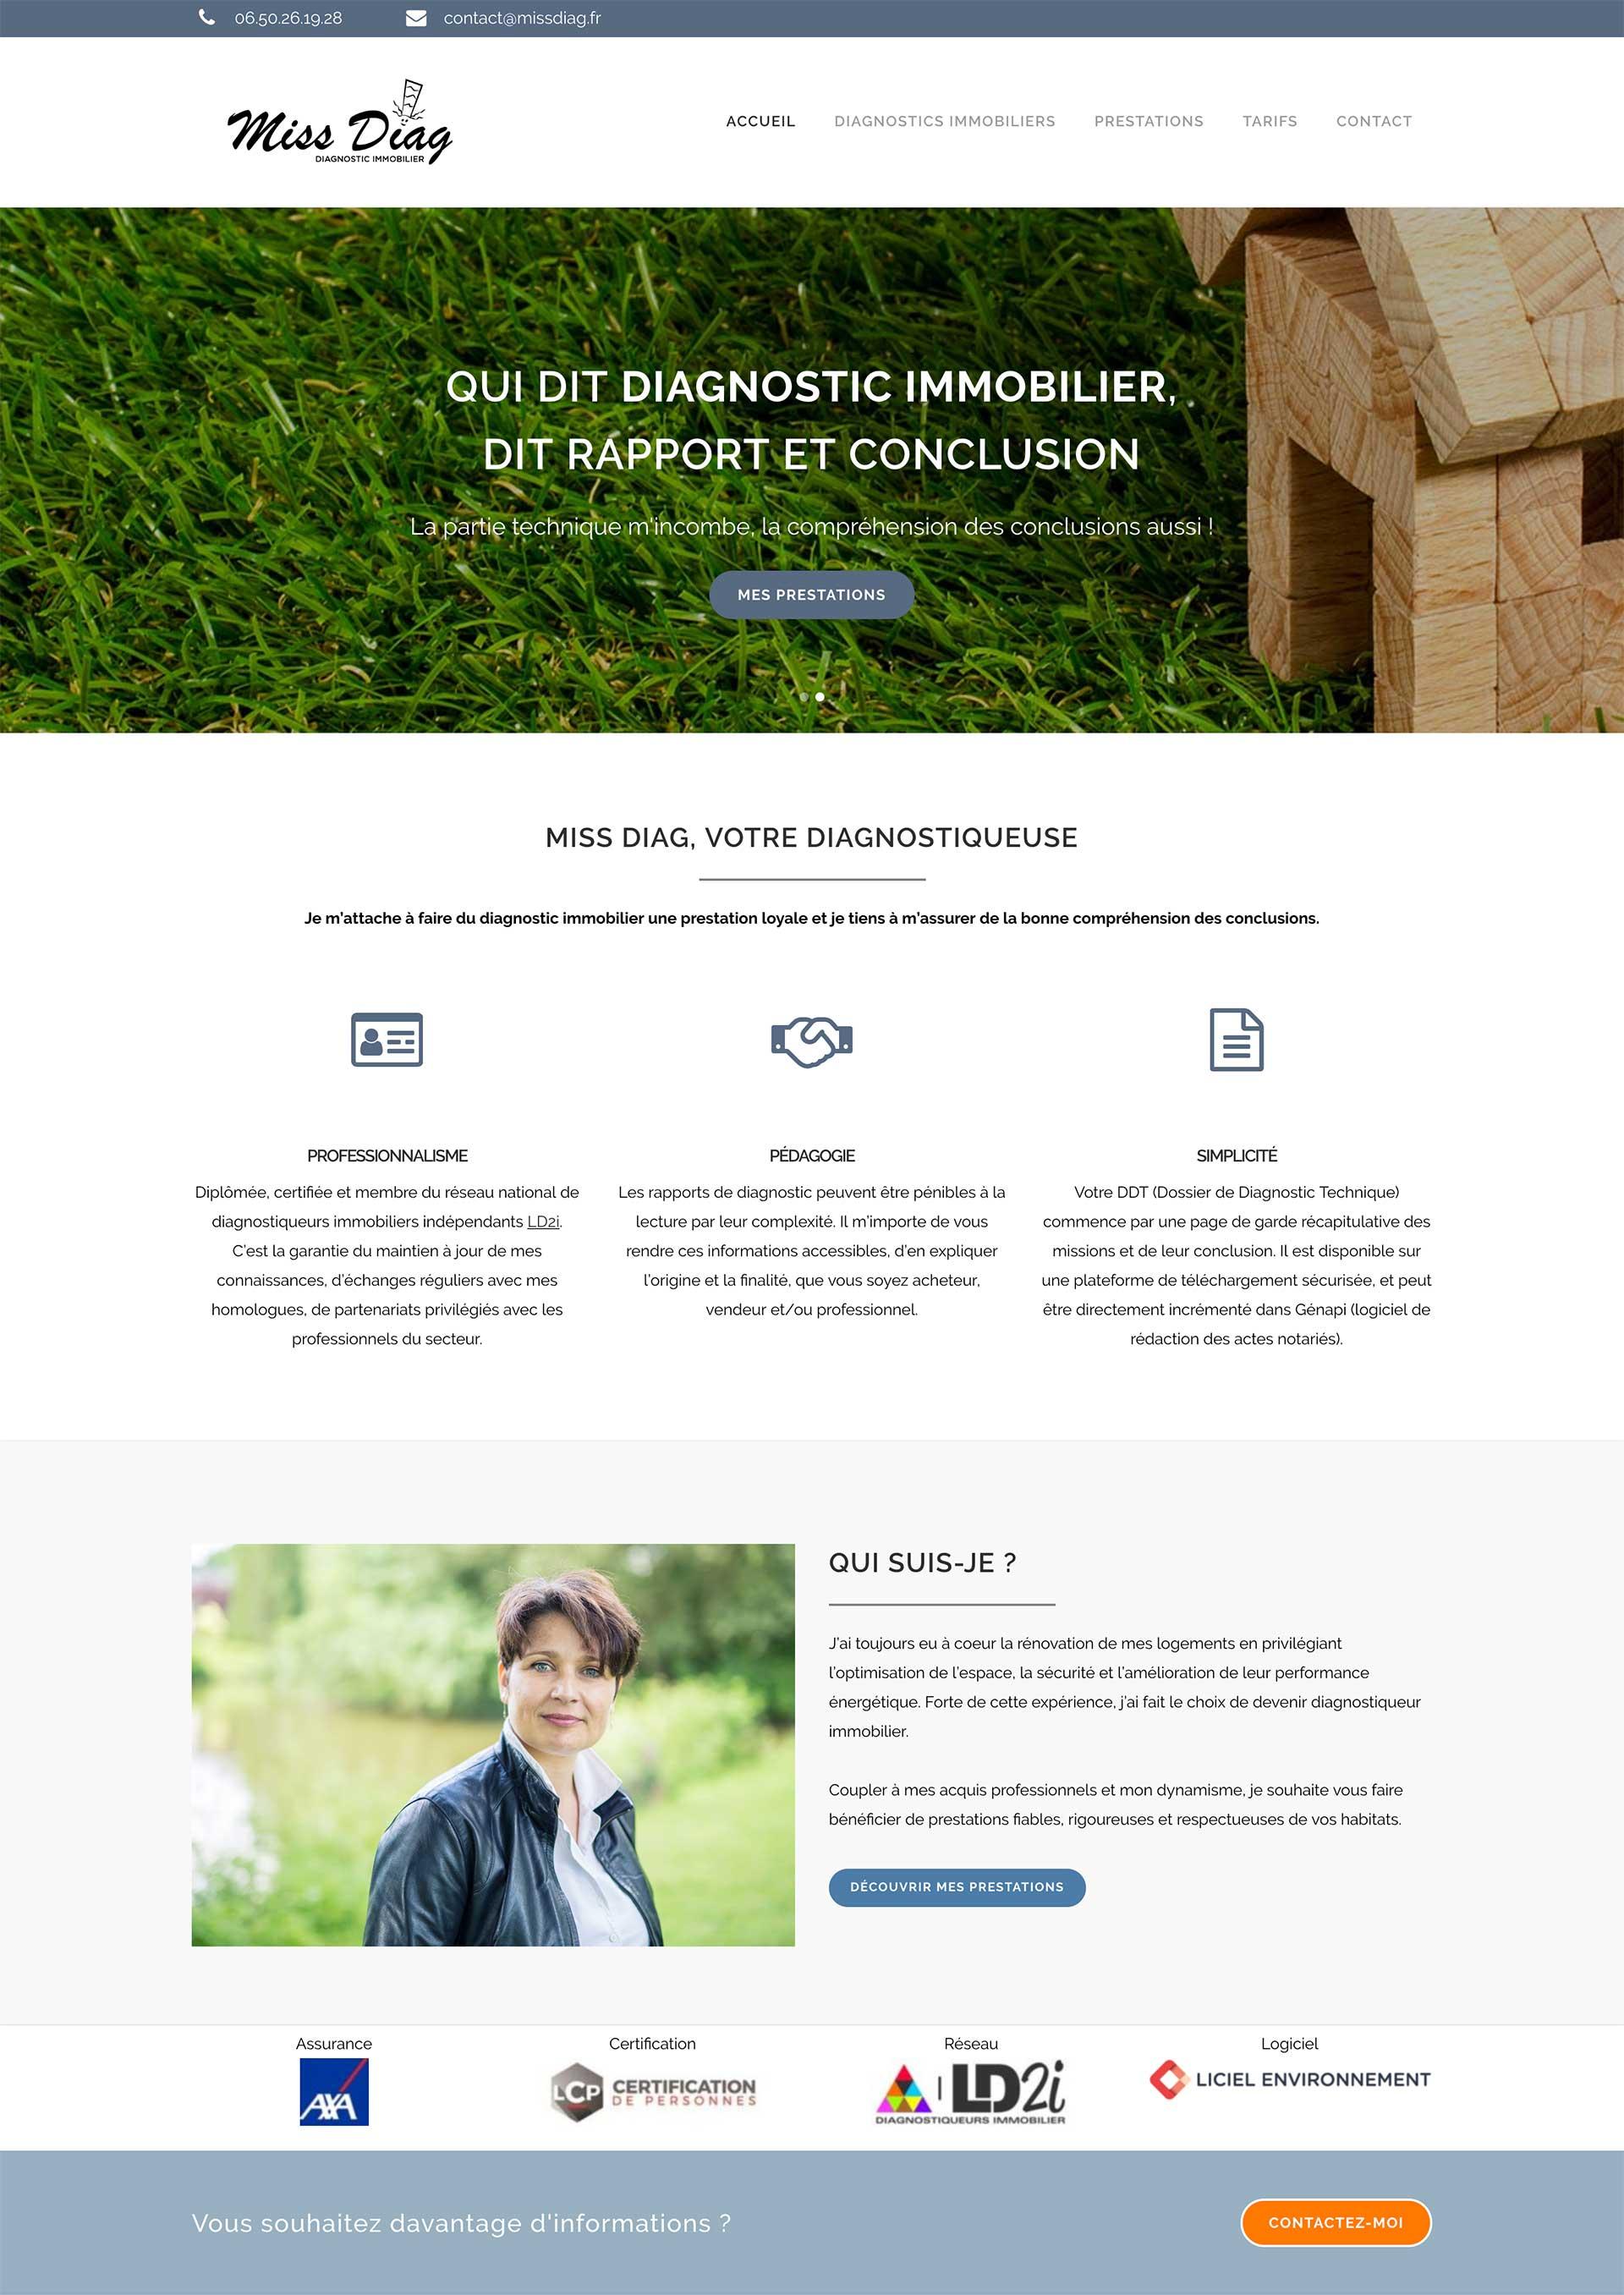 Agence de communication à Rennes : création site internet Miss Diag